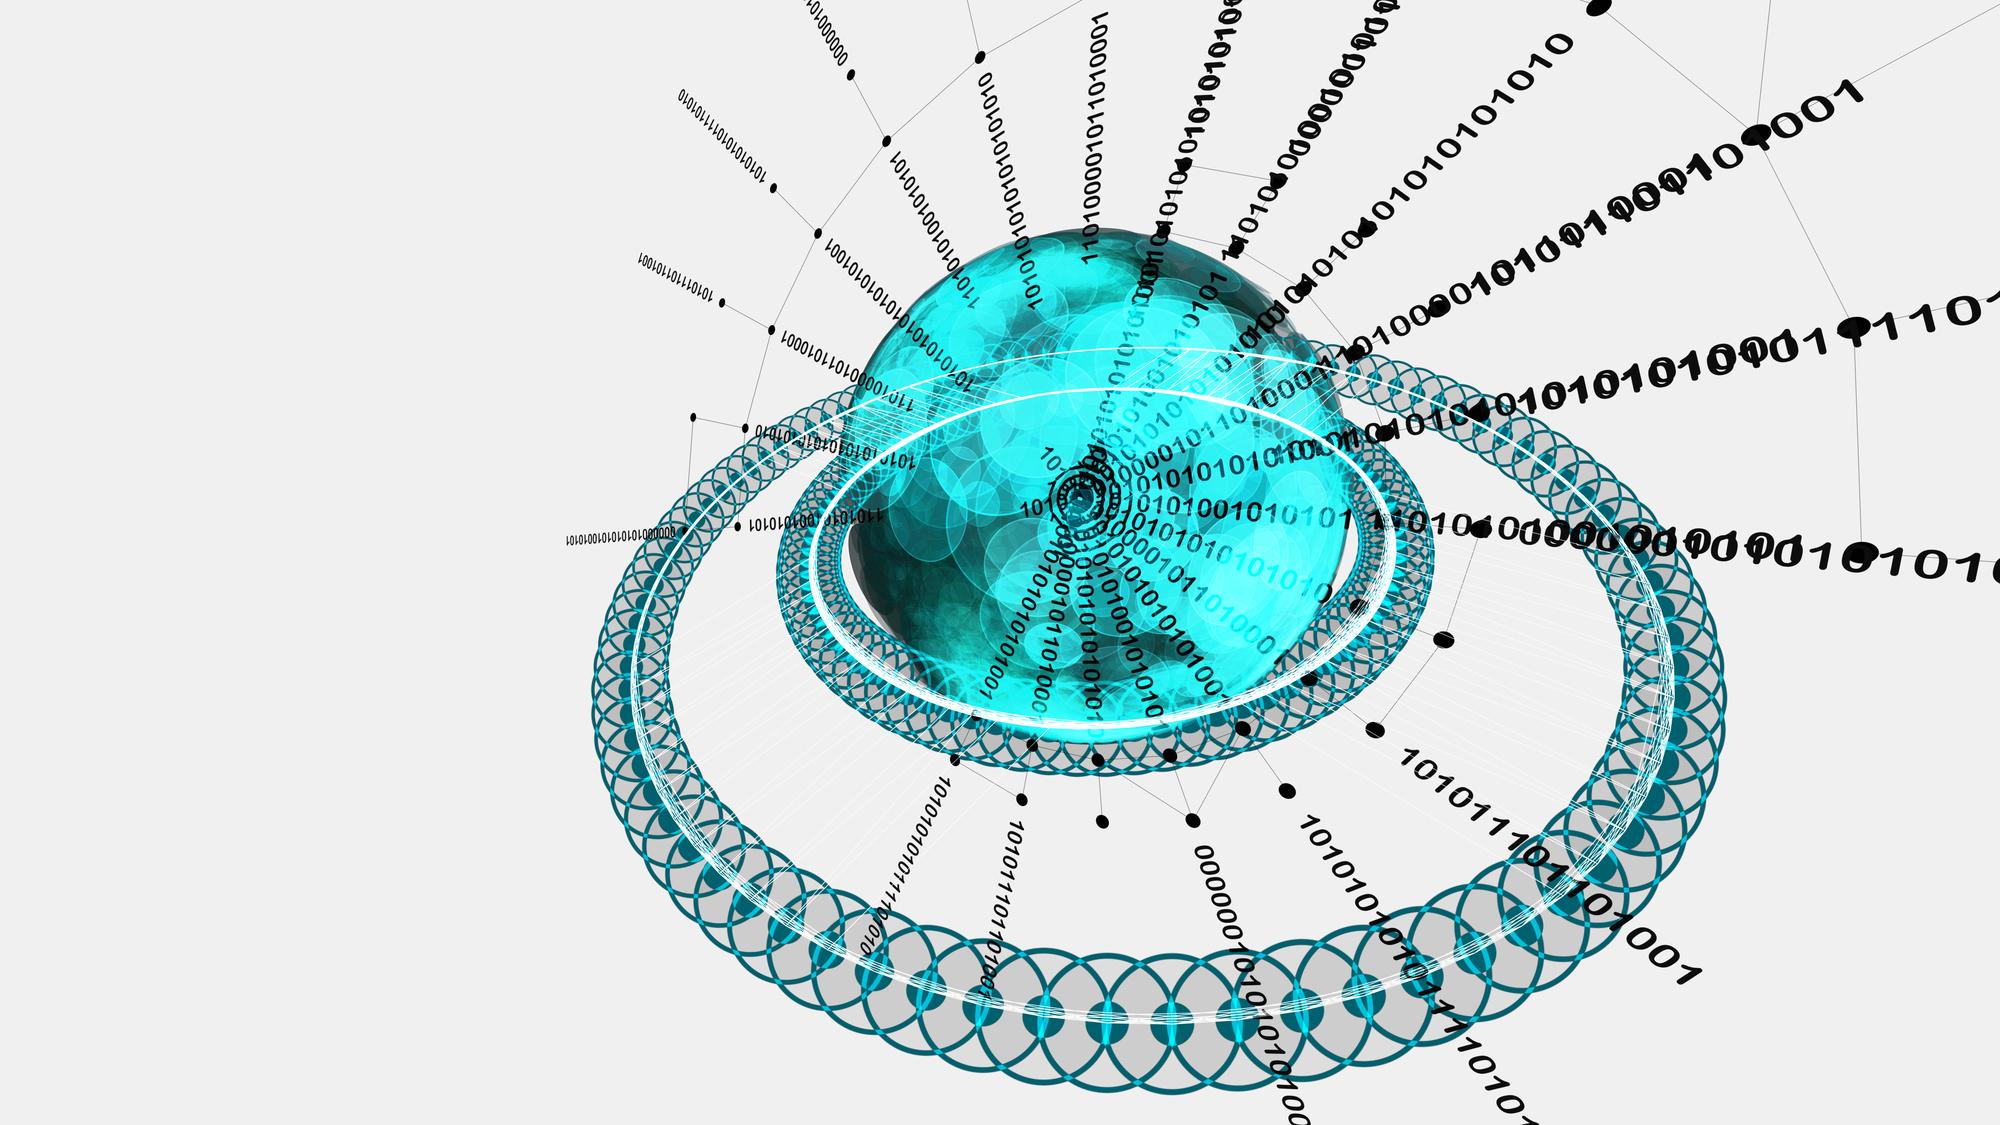 【ネットワークの仮想化】クラウドの仮想ネットワークサービスを紹介しますのアイキャッチイメージ